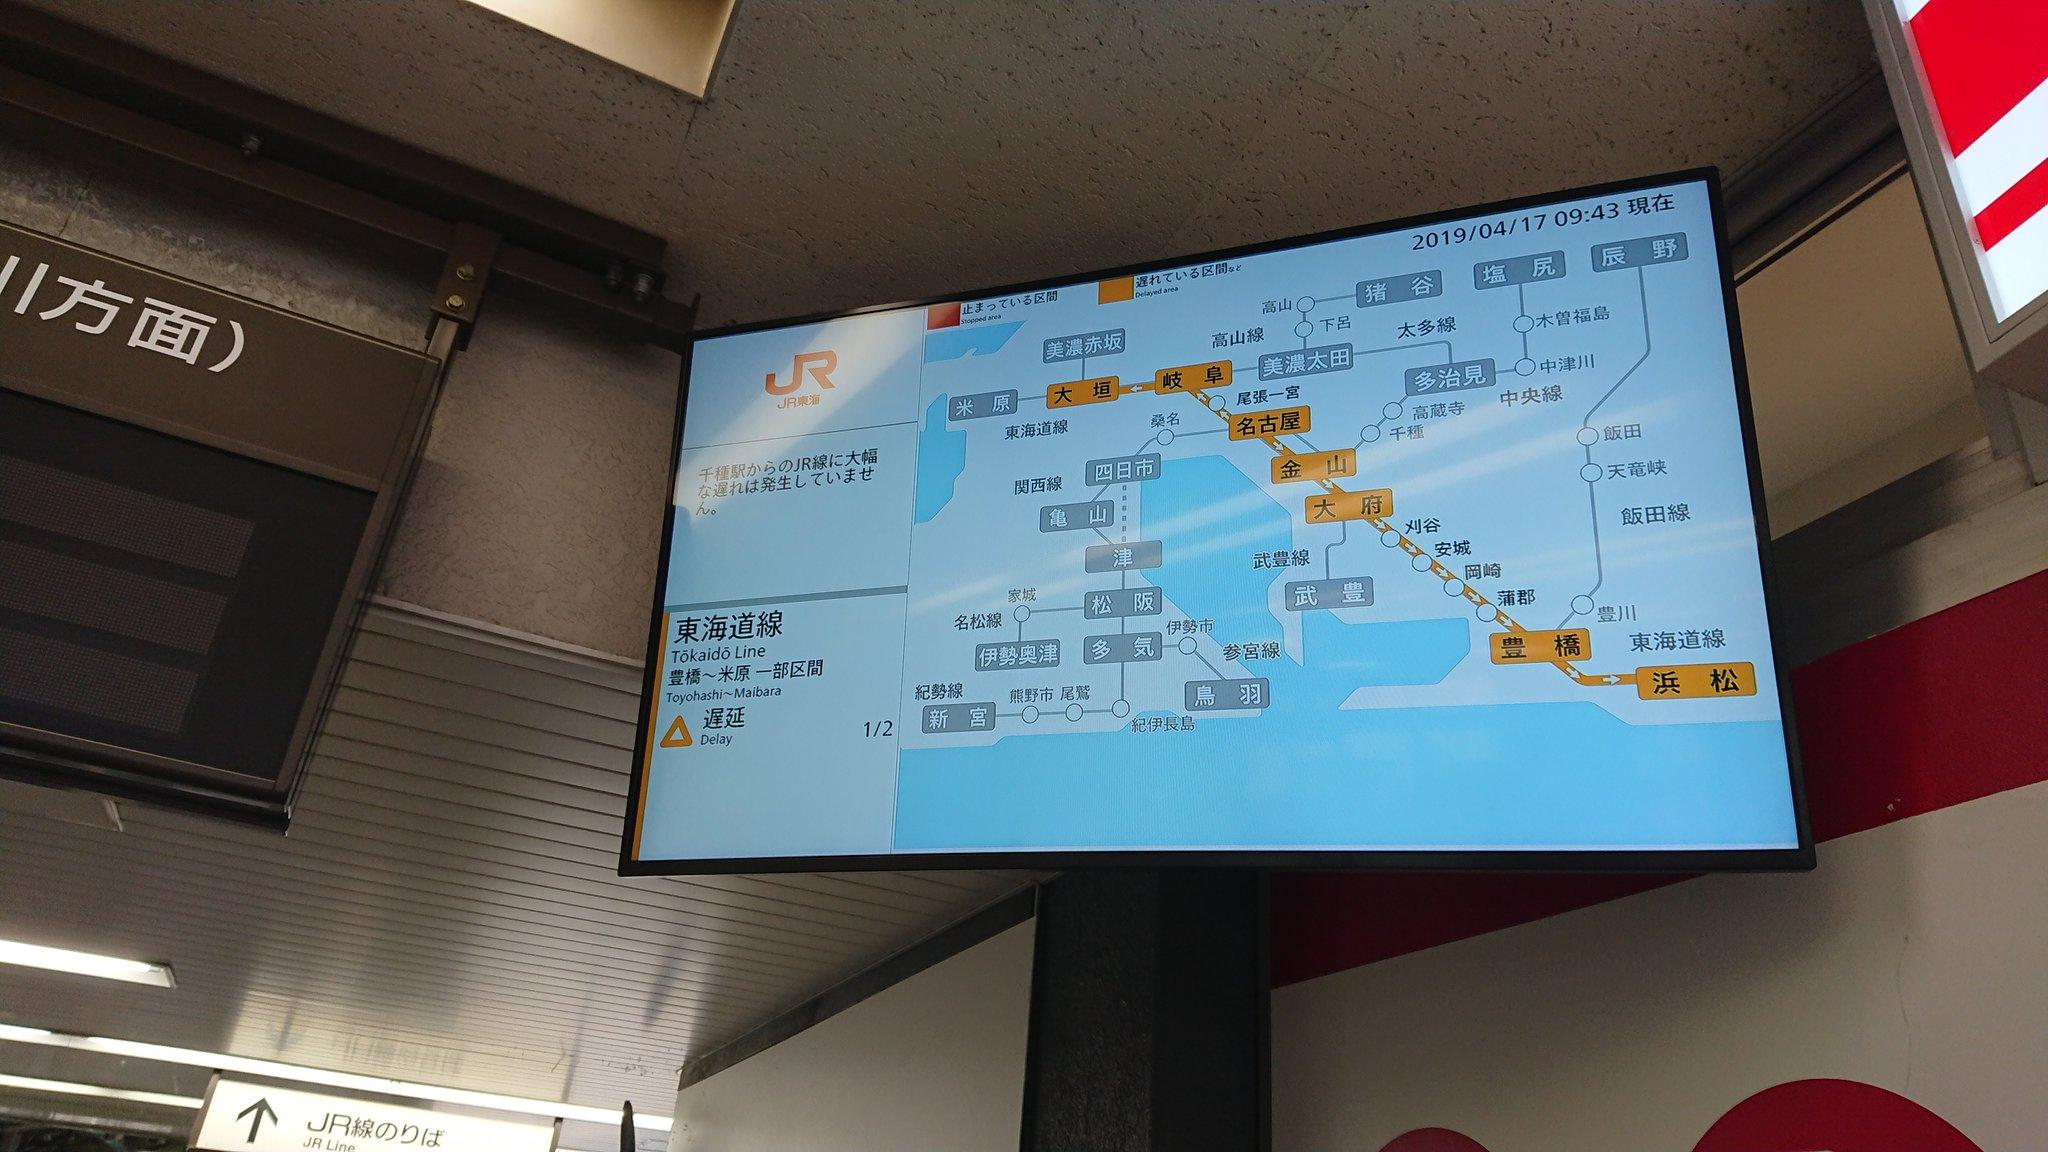 画像,東海道線遅れてる https://t.co/RFUnllD0e5。